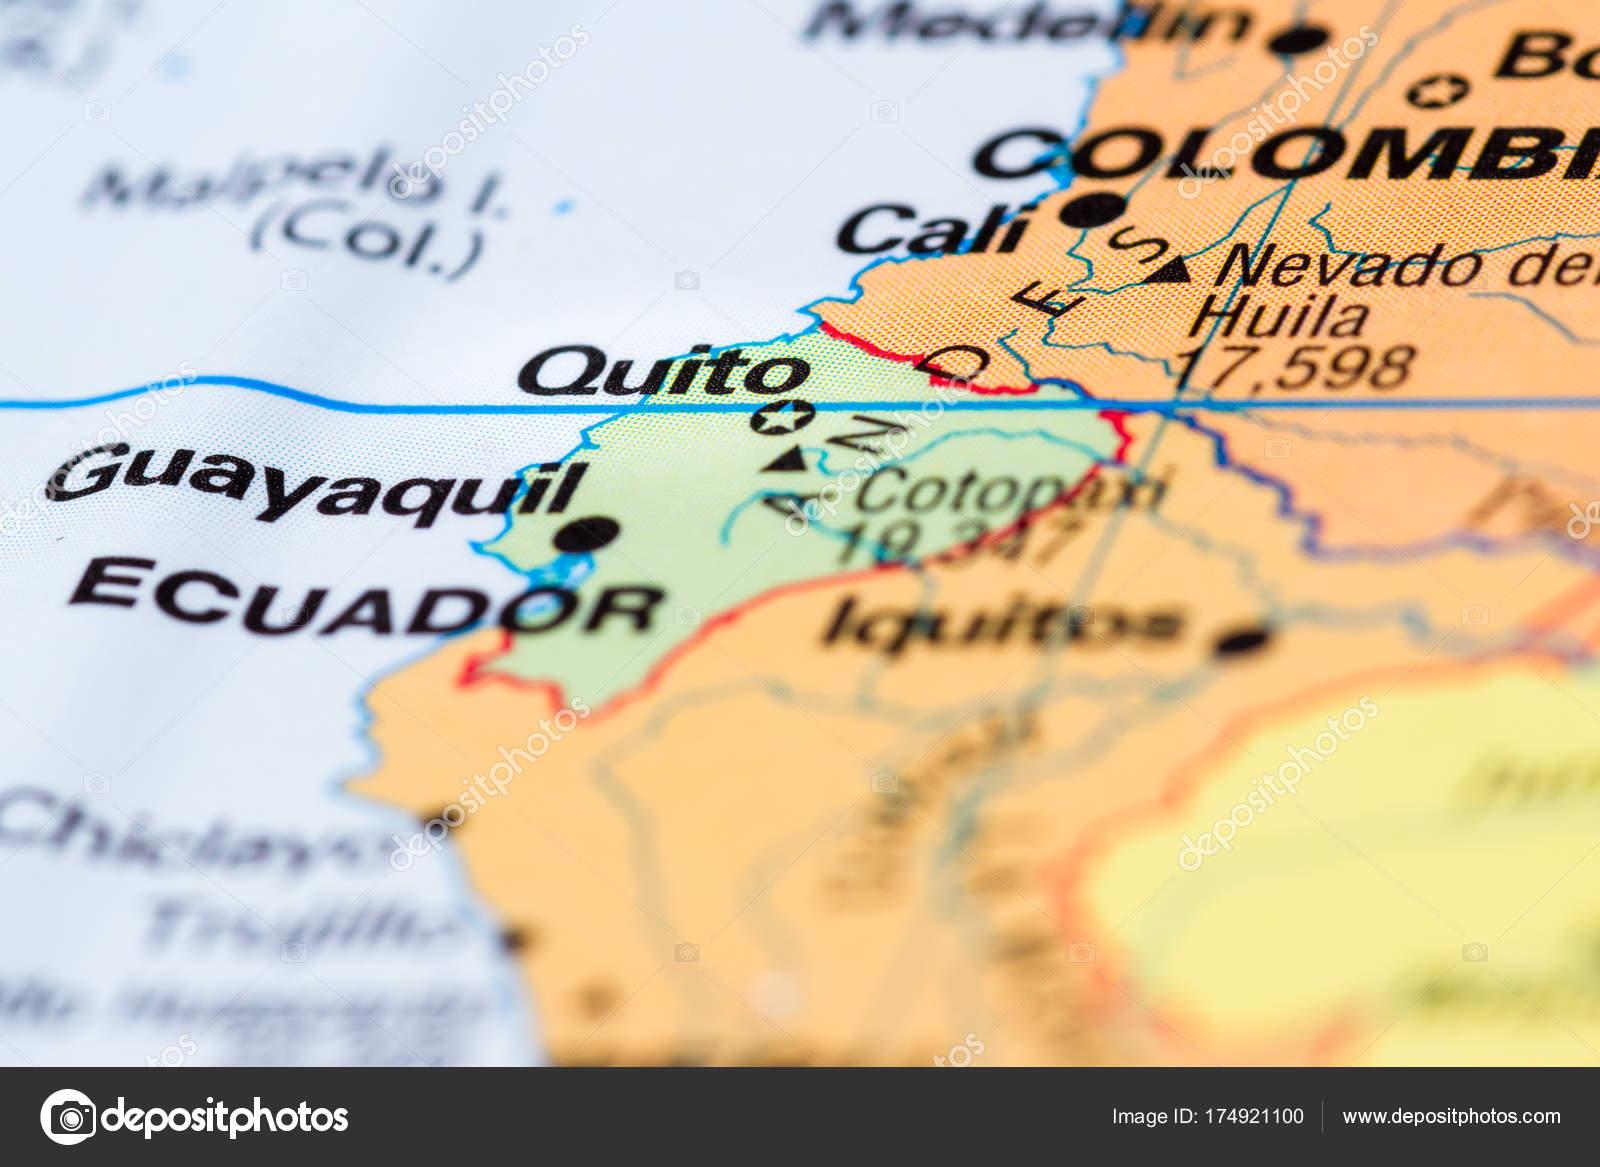 Quito ecuador en un mapa fotos de stock wollertz 174921100 cerca de un mapa del mundo con la ciudad de quito en foco foto de wollertz gumiabroncs Image collections